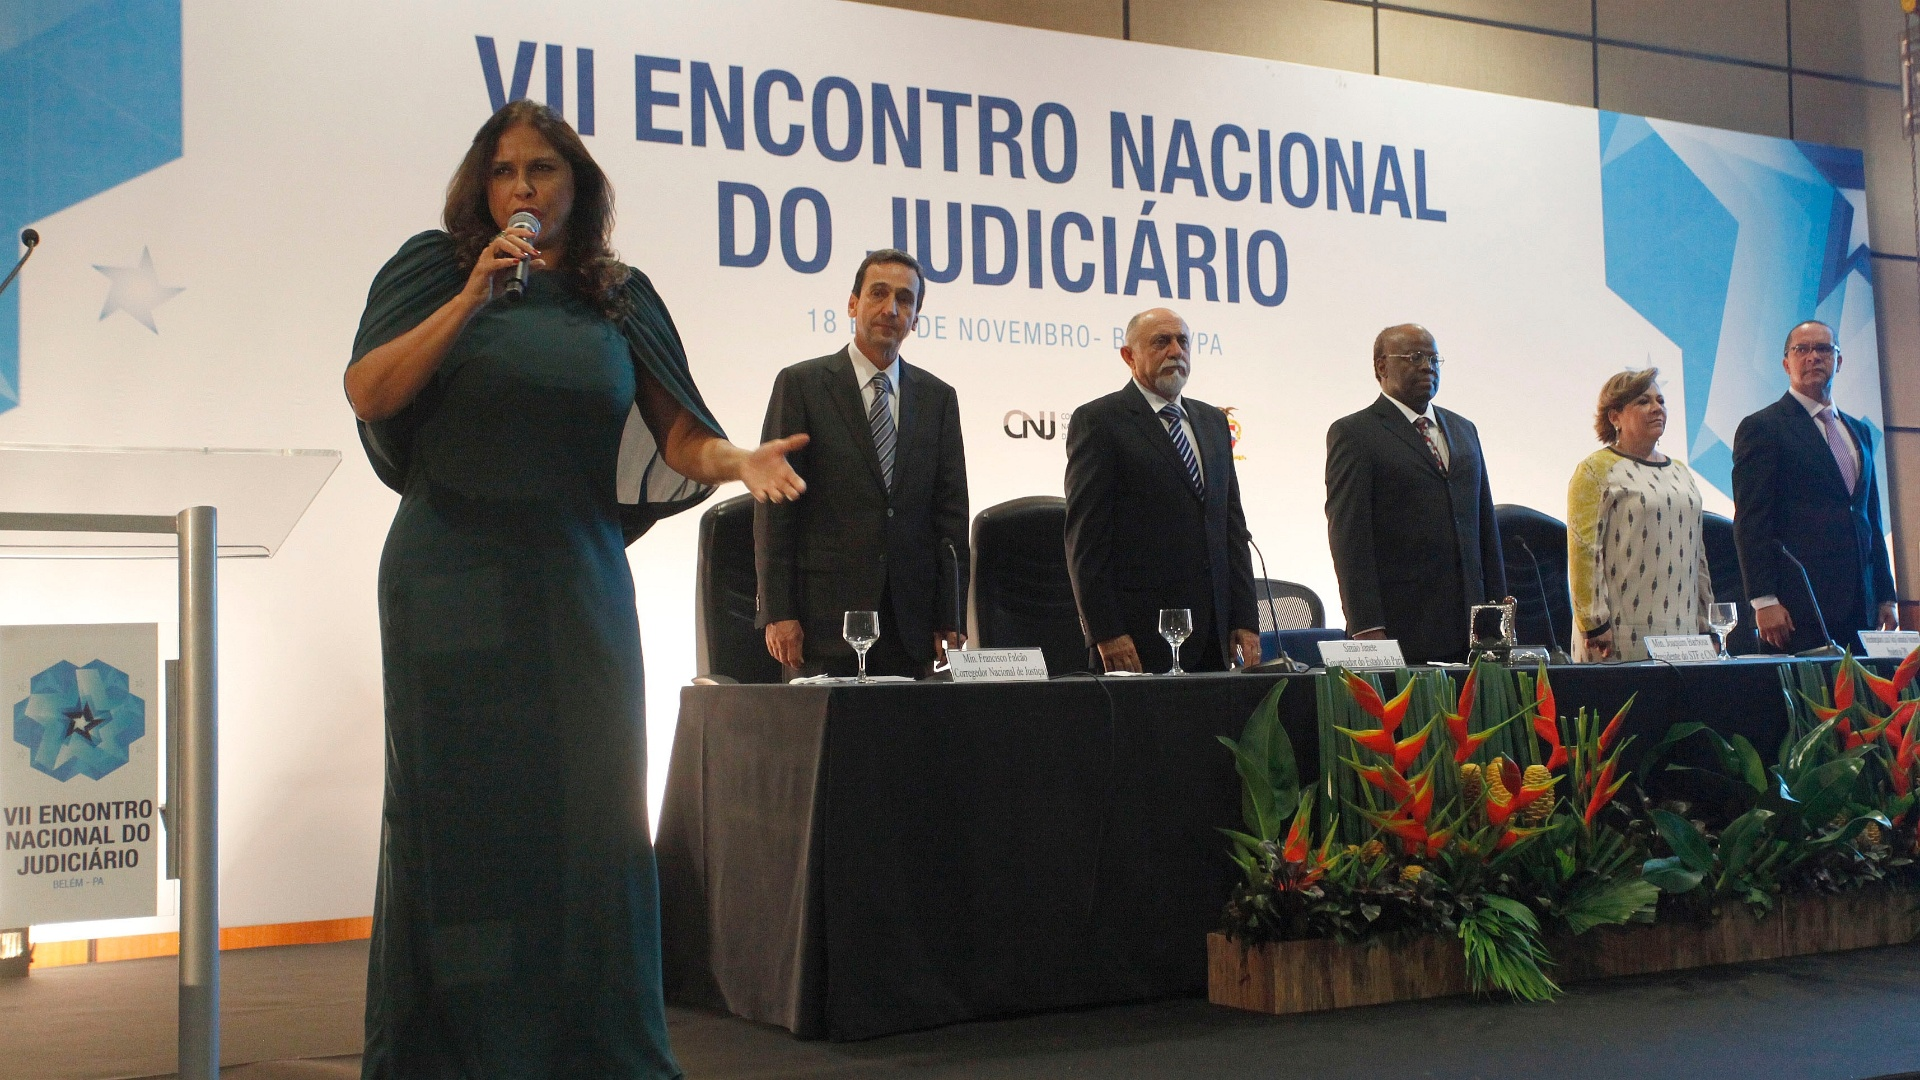 18.nov.2013 - A cantora Fafá de Belém canta o Hino Nacional na presença do presidente do STF, ministro Joaquim Barbosa